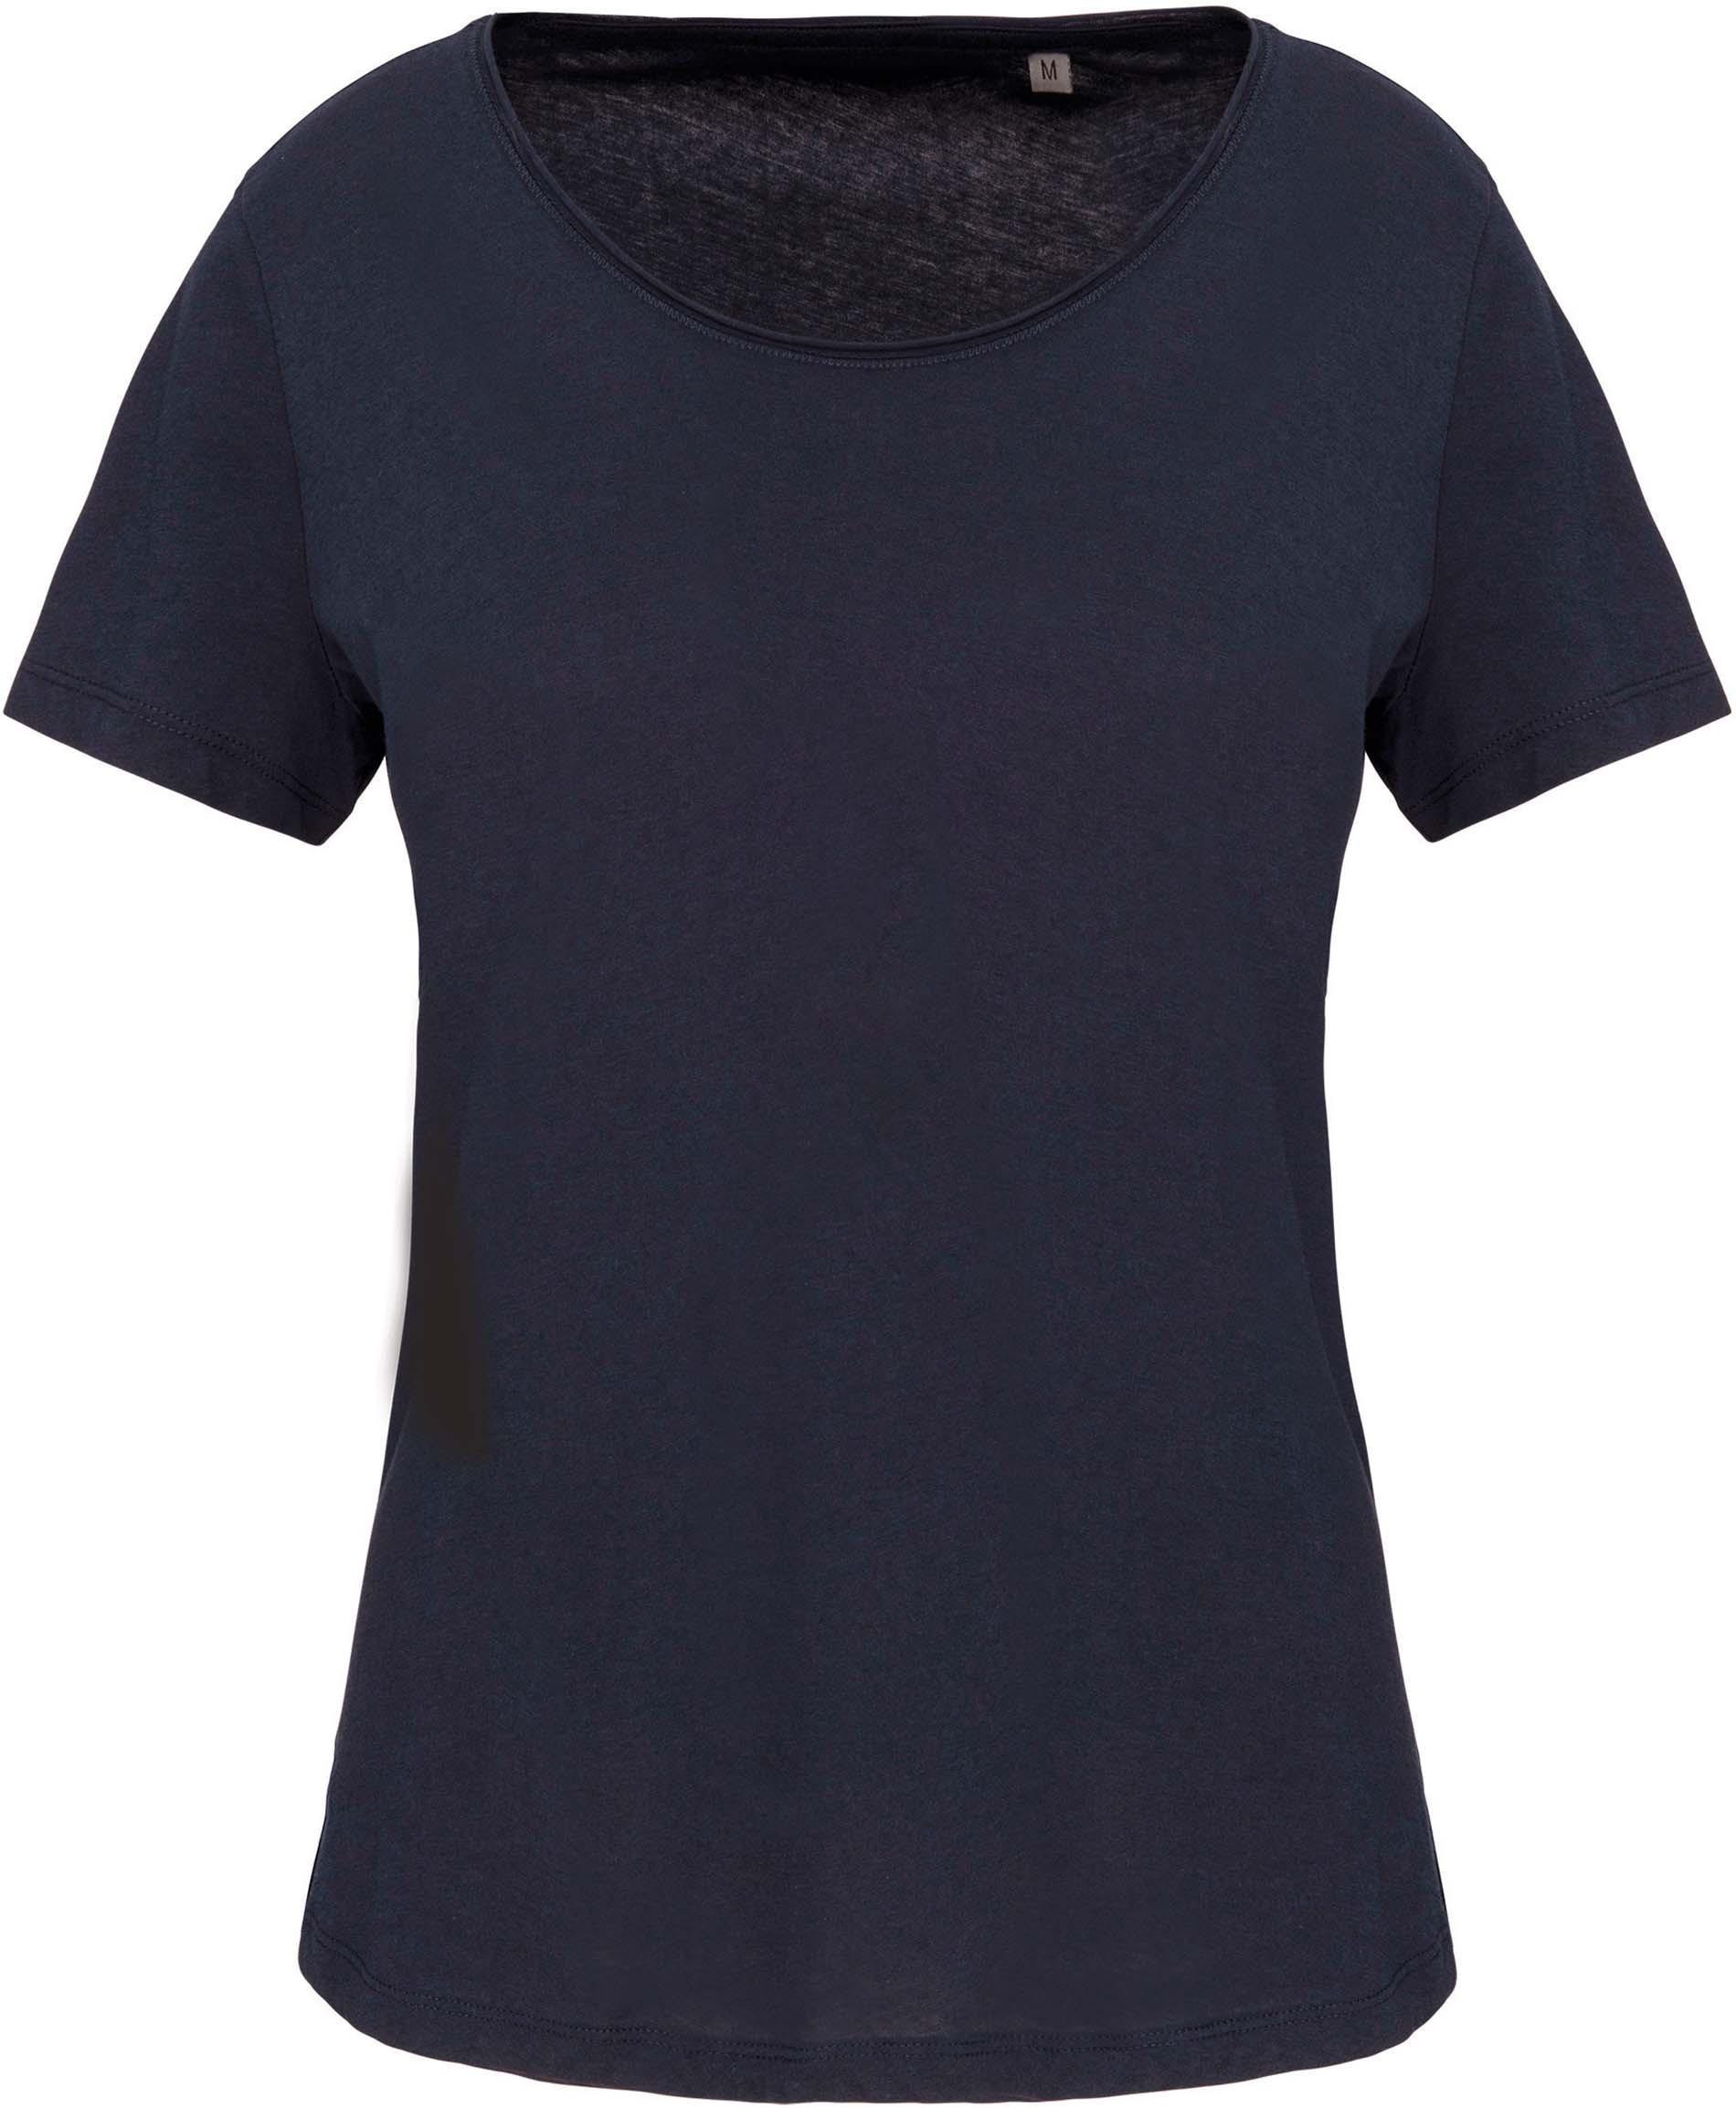 Tee-shirt bio manches courtes femme - 2-1643-4